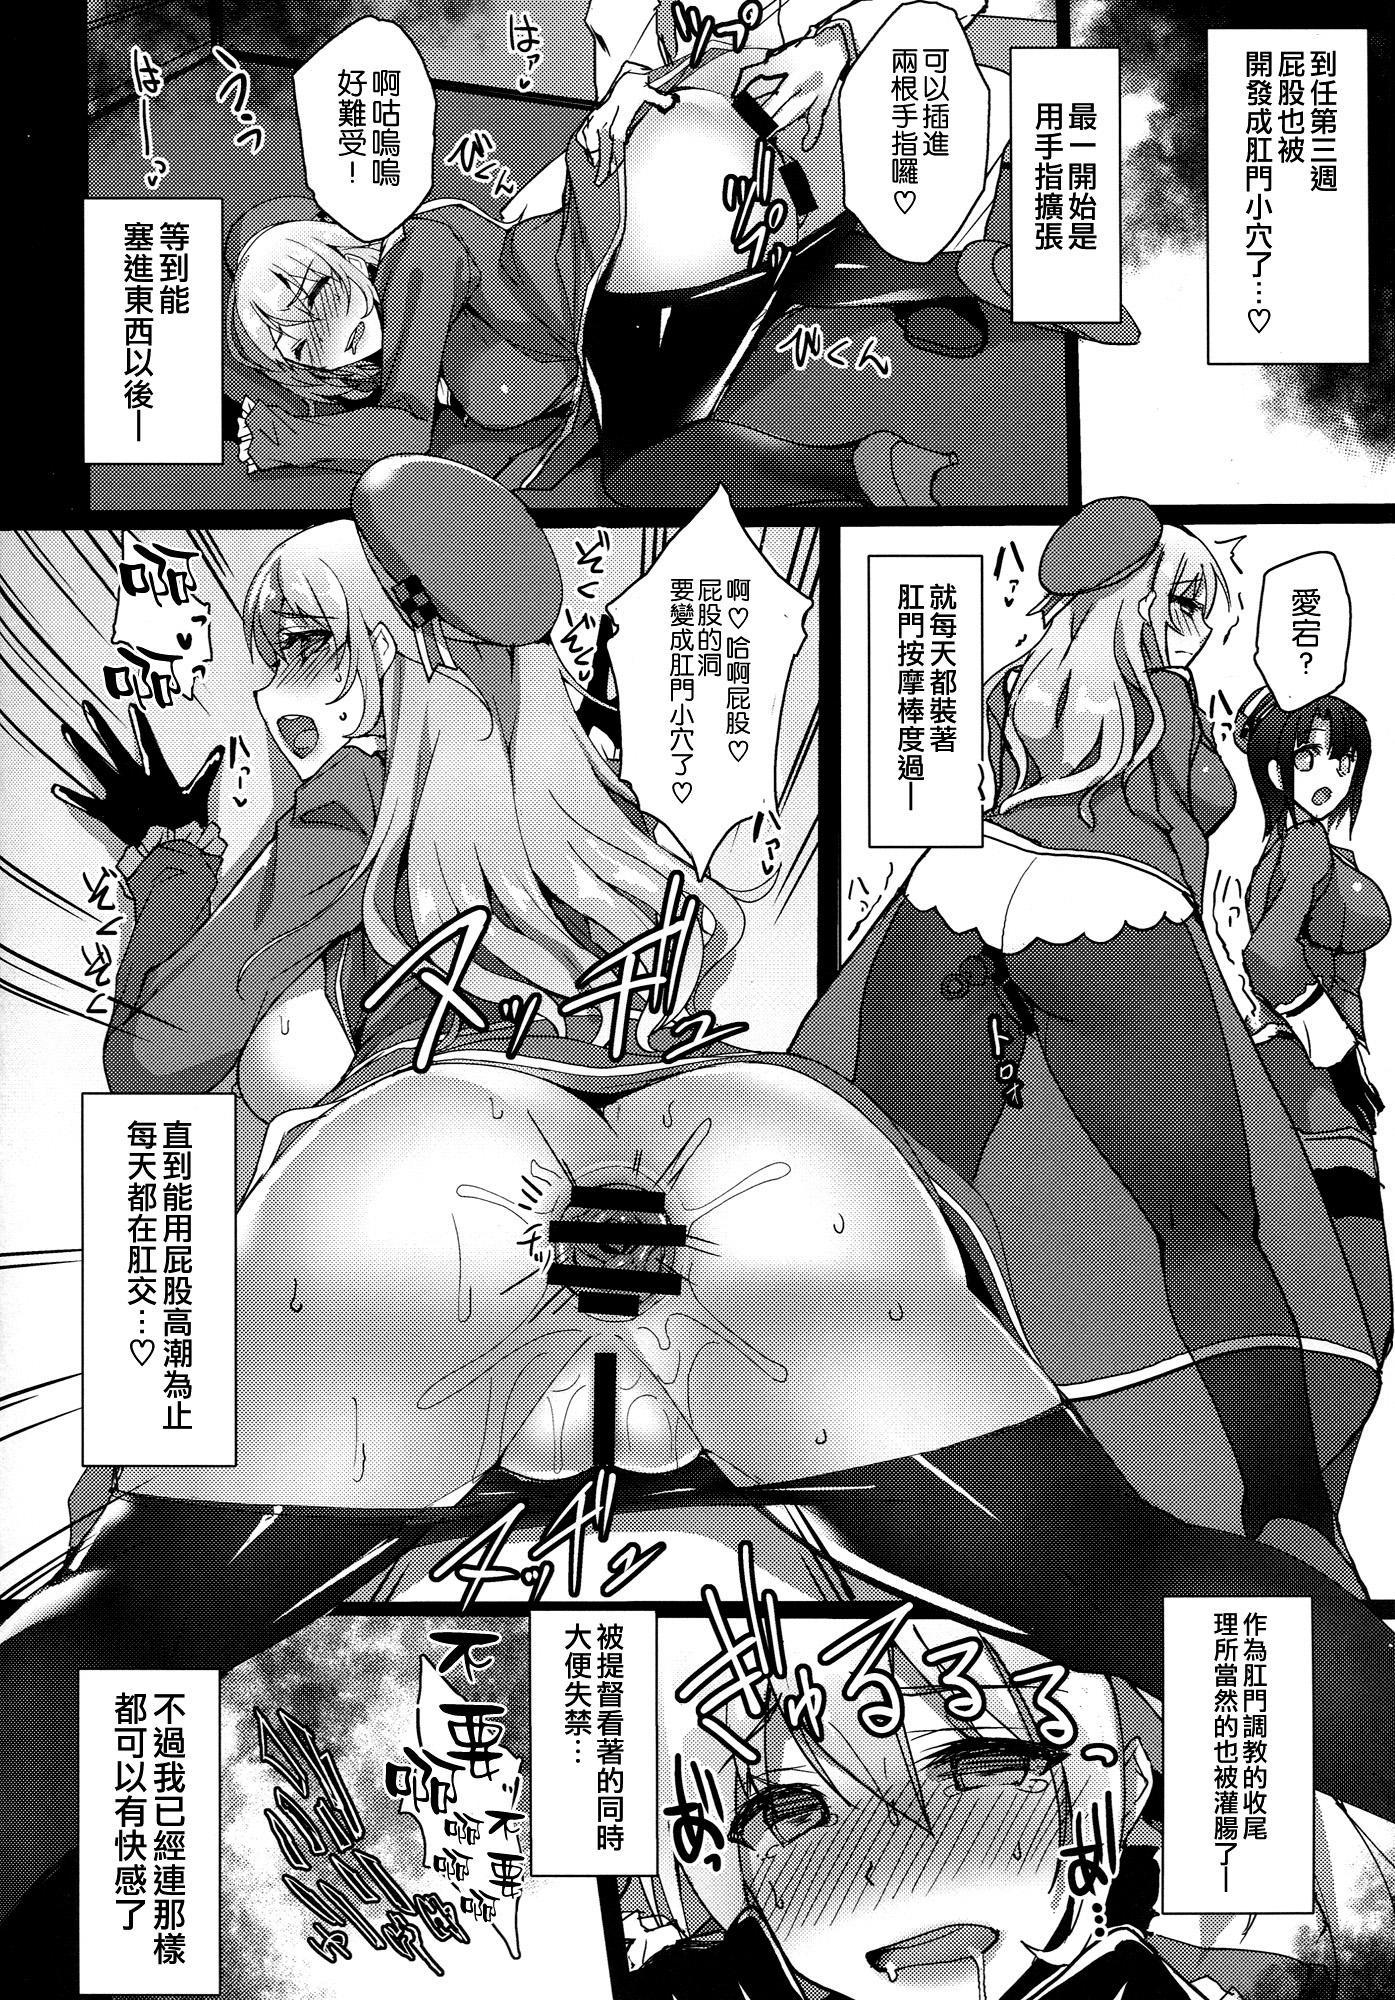 Atago to Takao no Chotto Hard na Choukyou Seikatsu 15